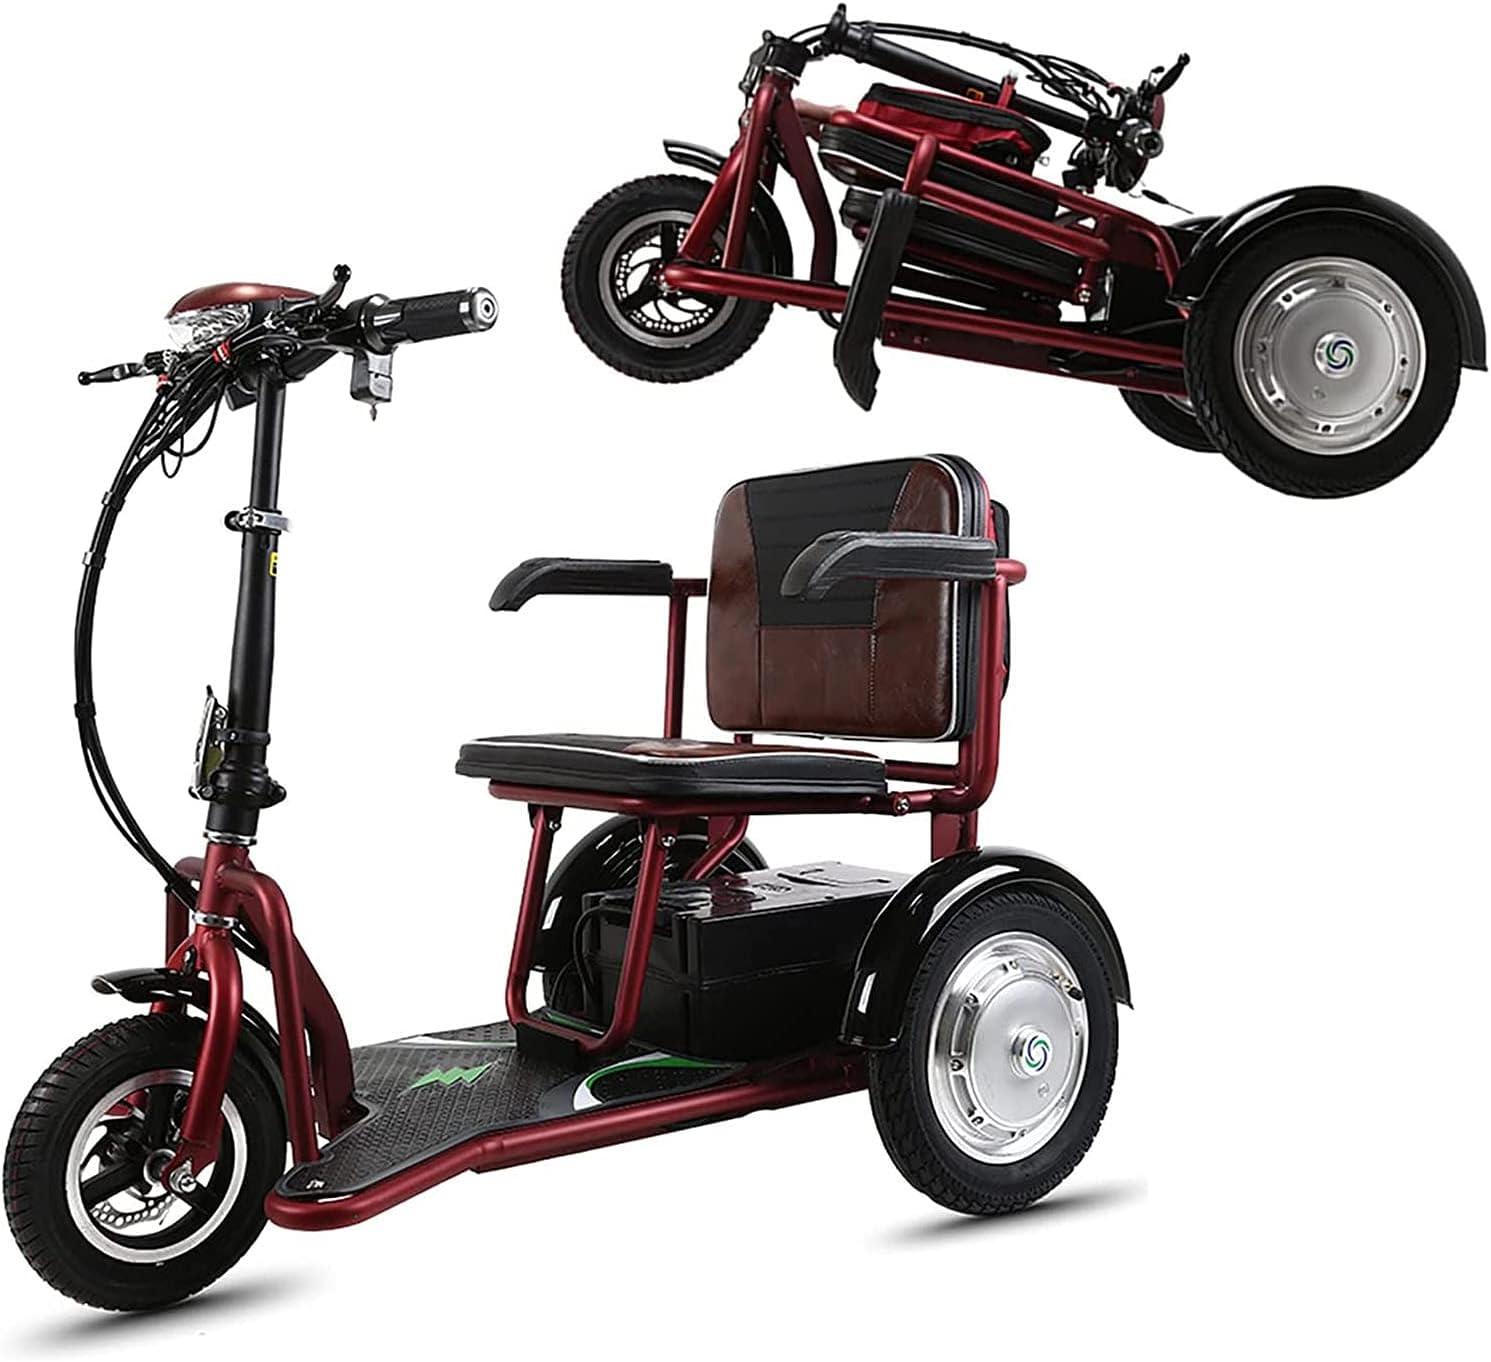 Scooters De Movilidad Plegables Eléctrico Ligero Portátil De 3 Ruedas Sillas De Ruedas Móviles Eléctricas Compacto Triciclo De Viaje con Ajuste De 3 Velocidades Scooters con Asiento